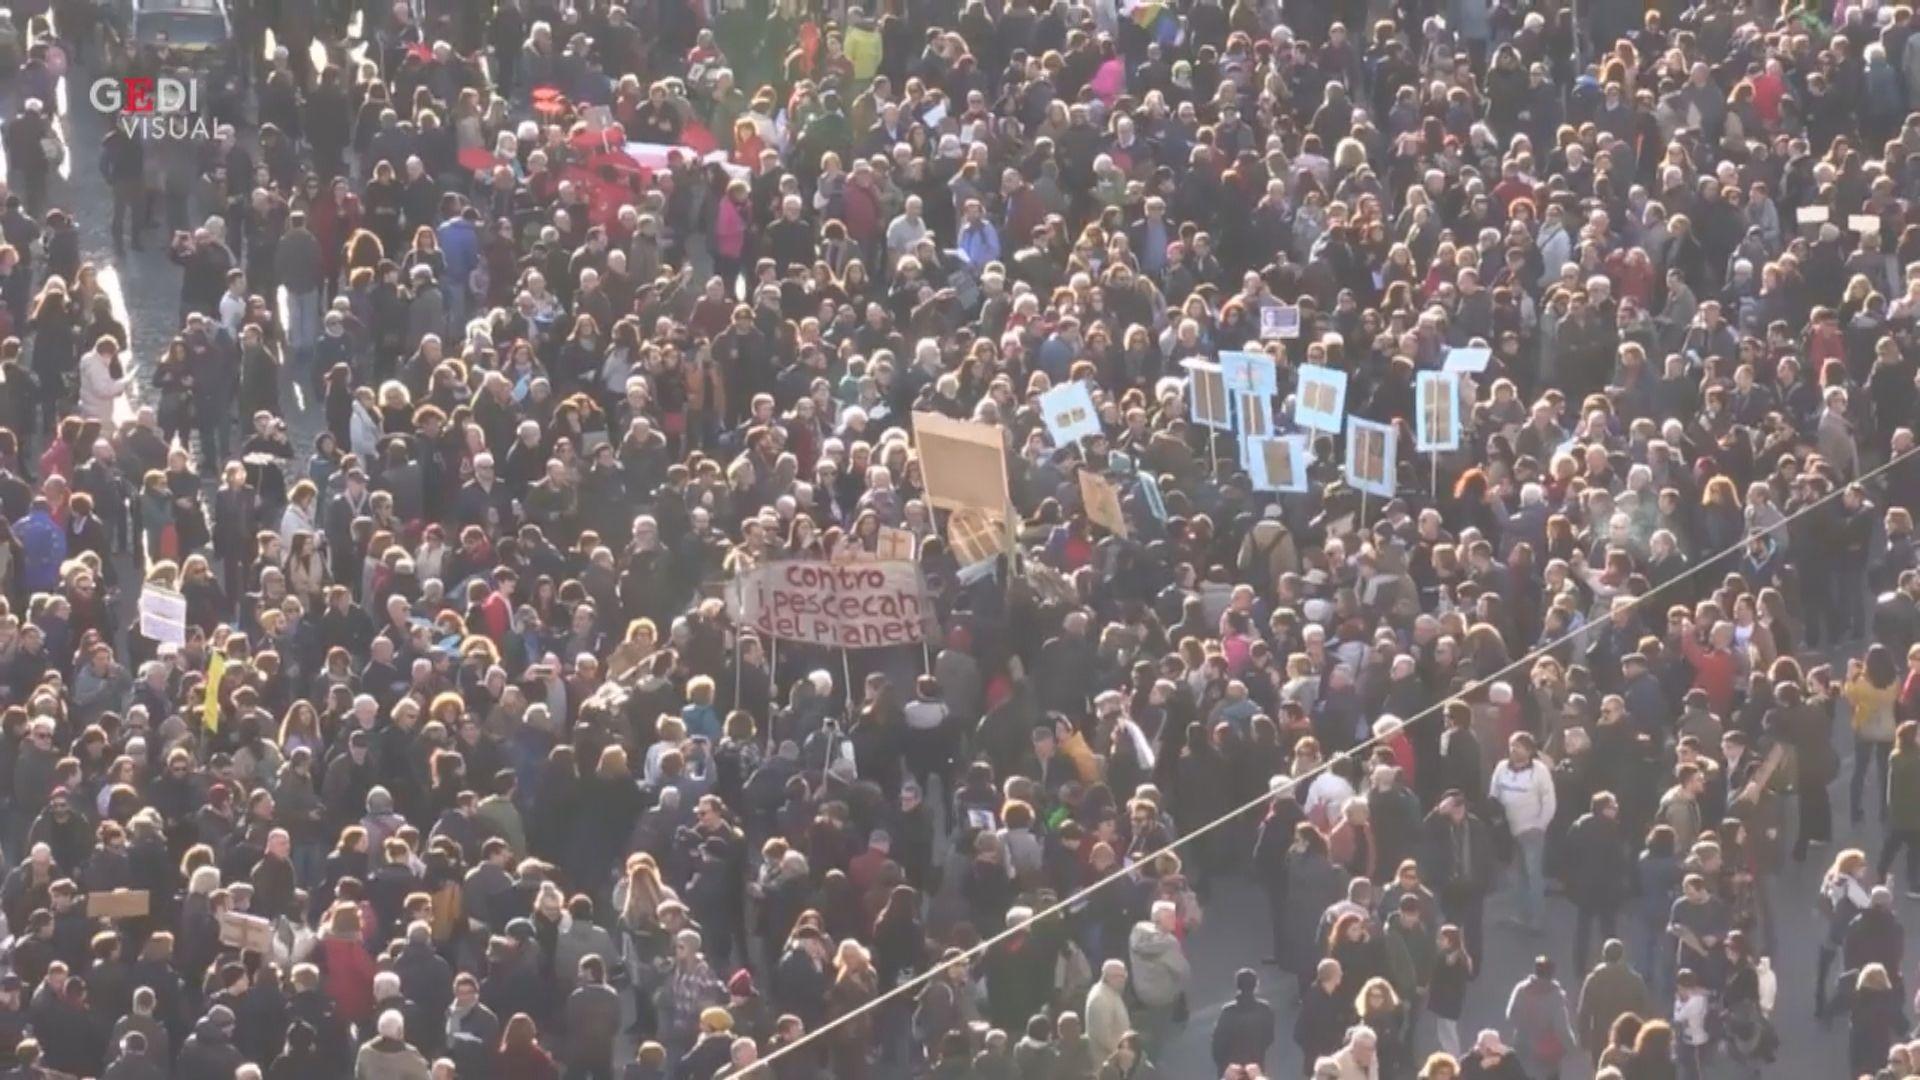 意大利羅馬逾十萬人參與沙甸魚示威反民粹